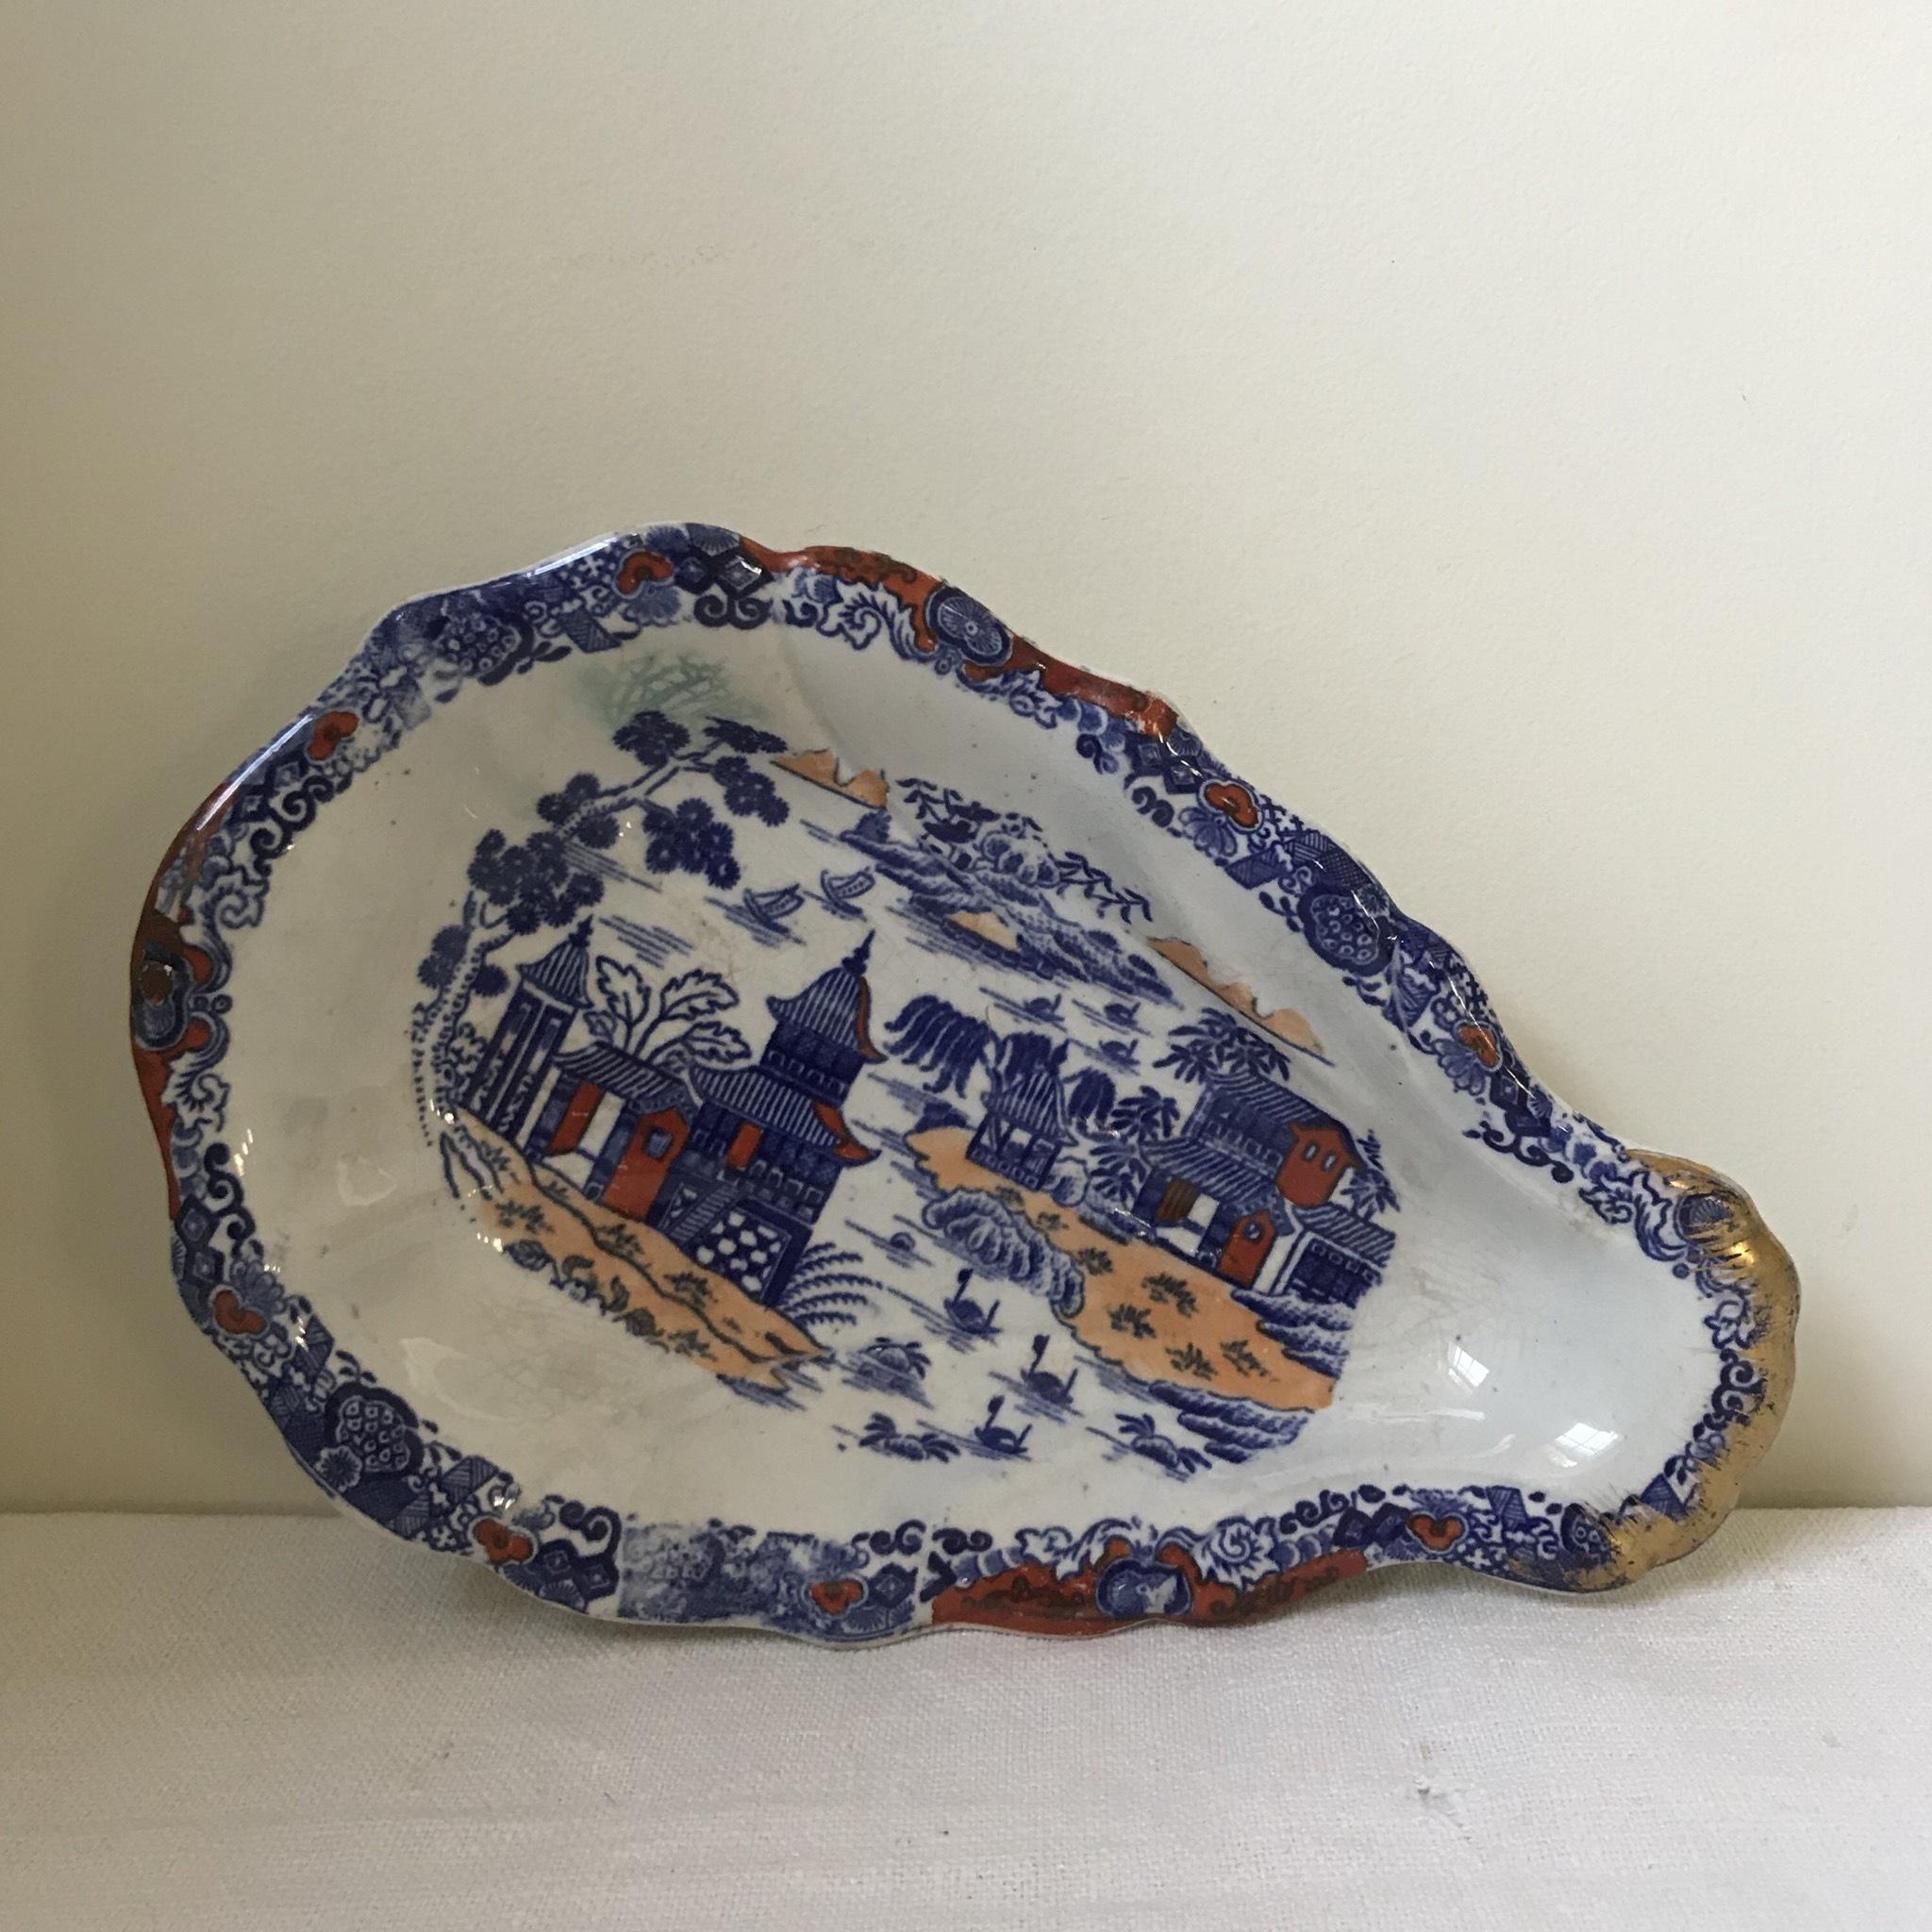 オリエンタルな牡蠣型のお皿